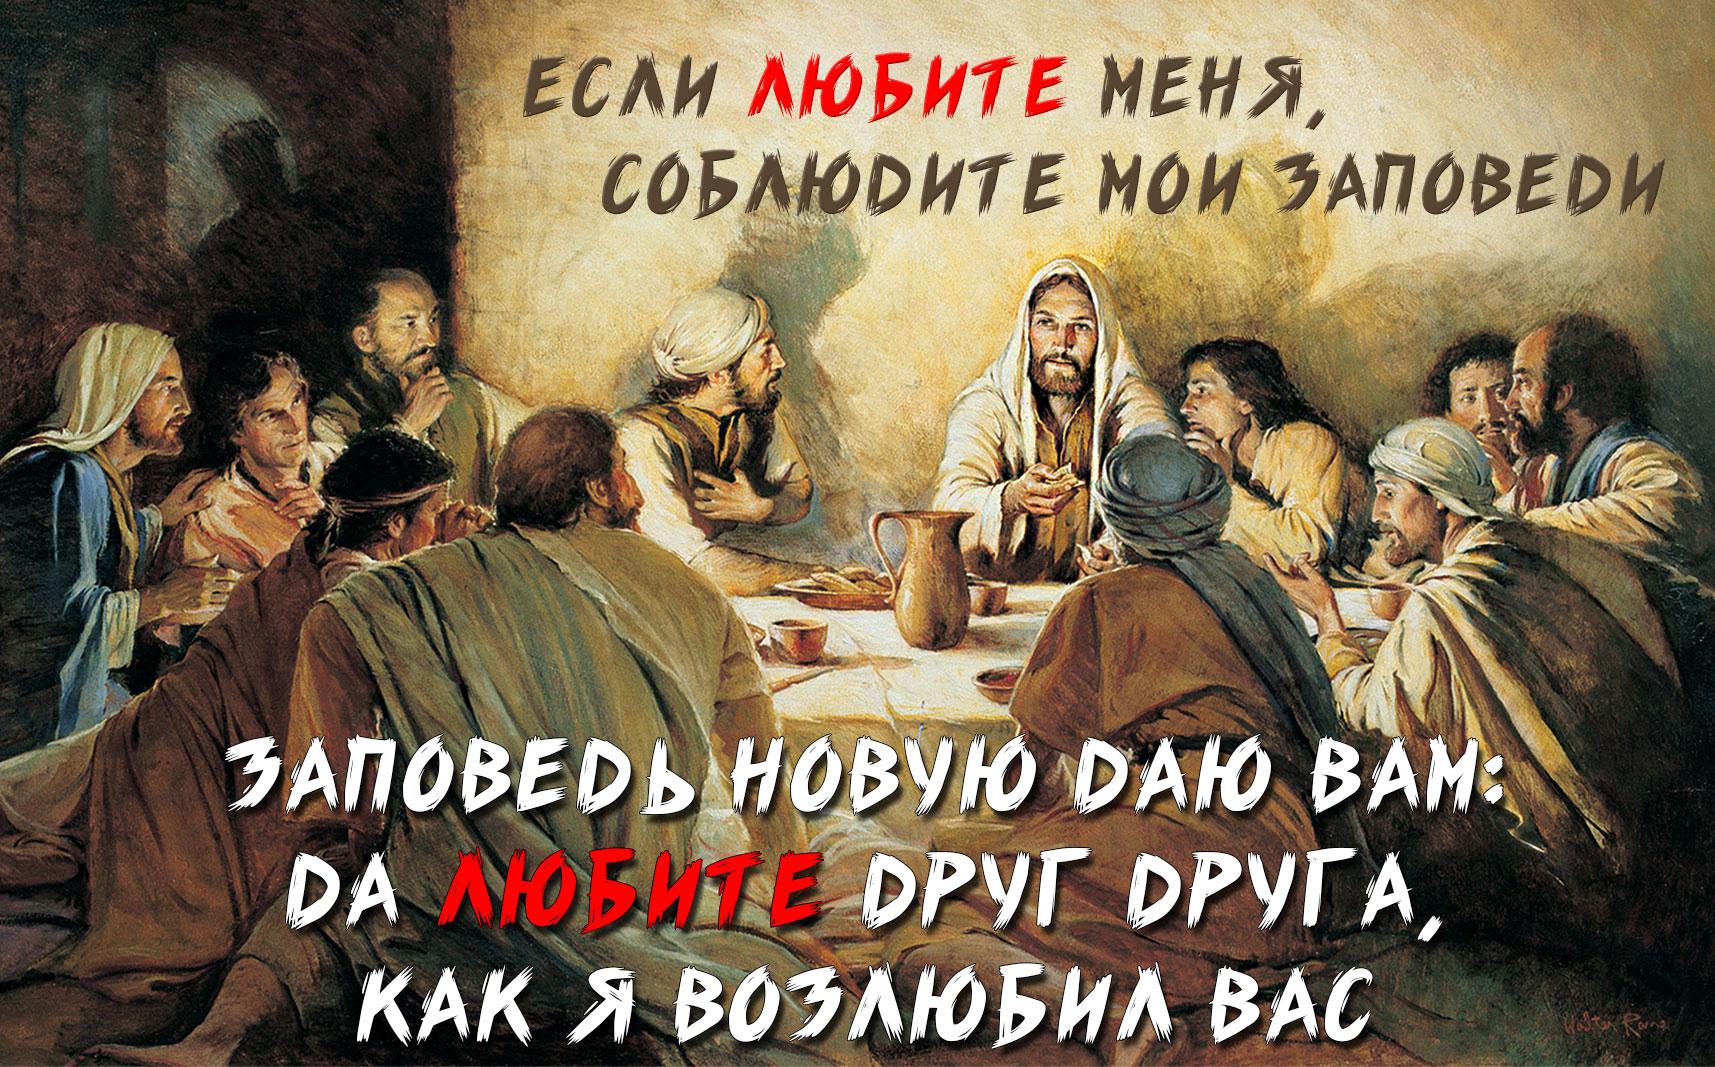 Новая заповедь Иисуса Христа о любви друг к другу 2